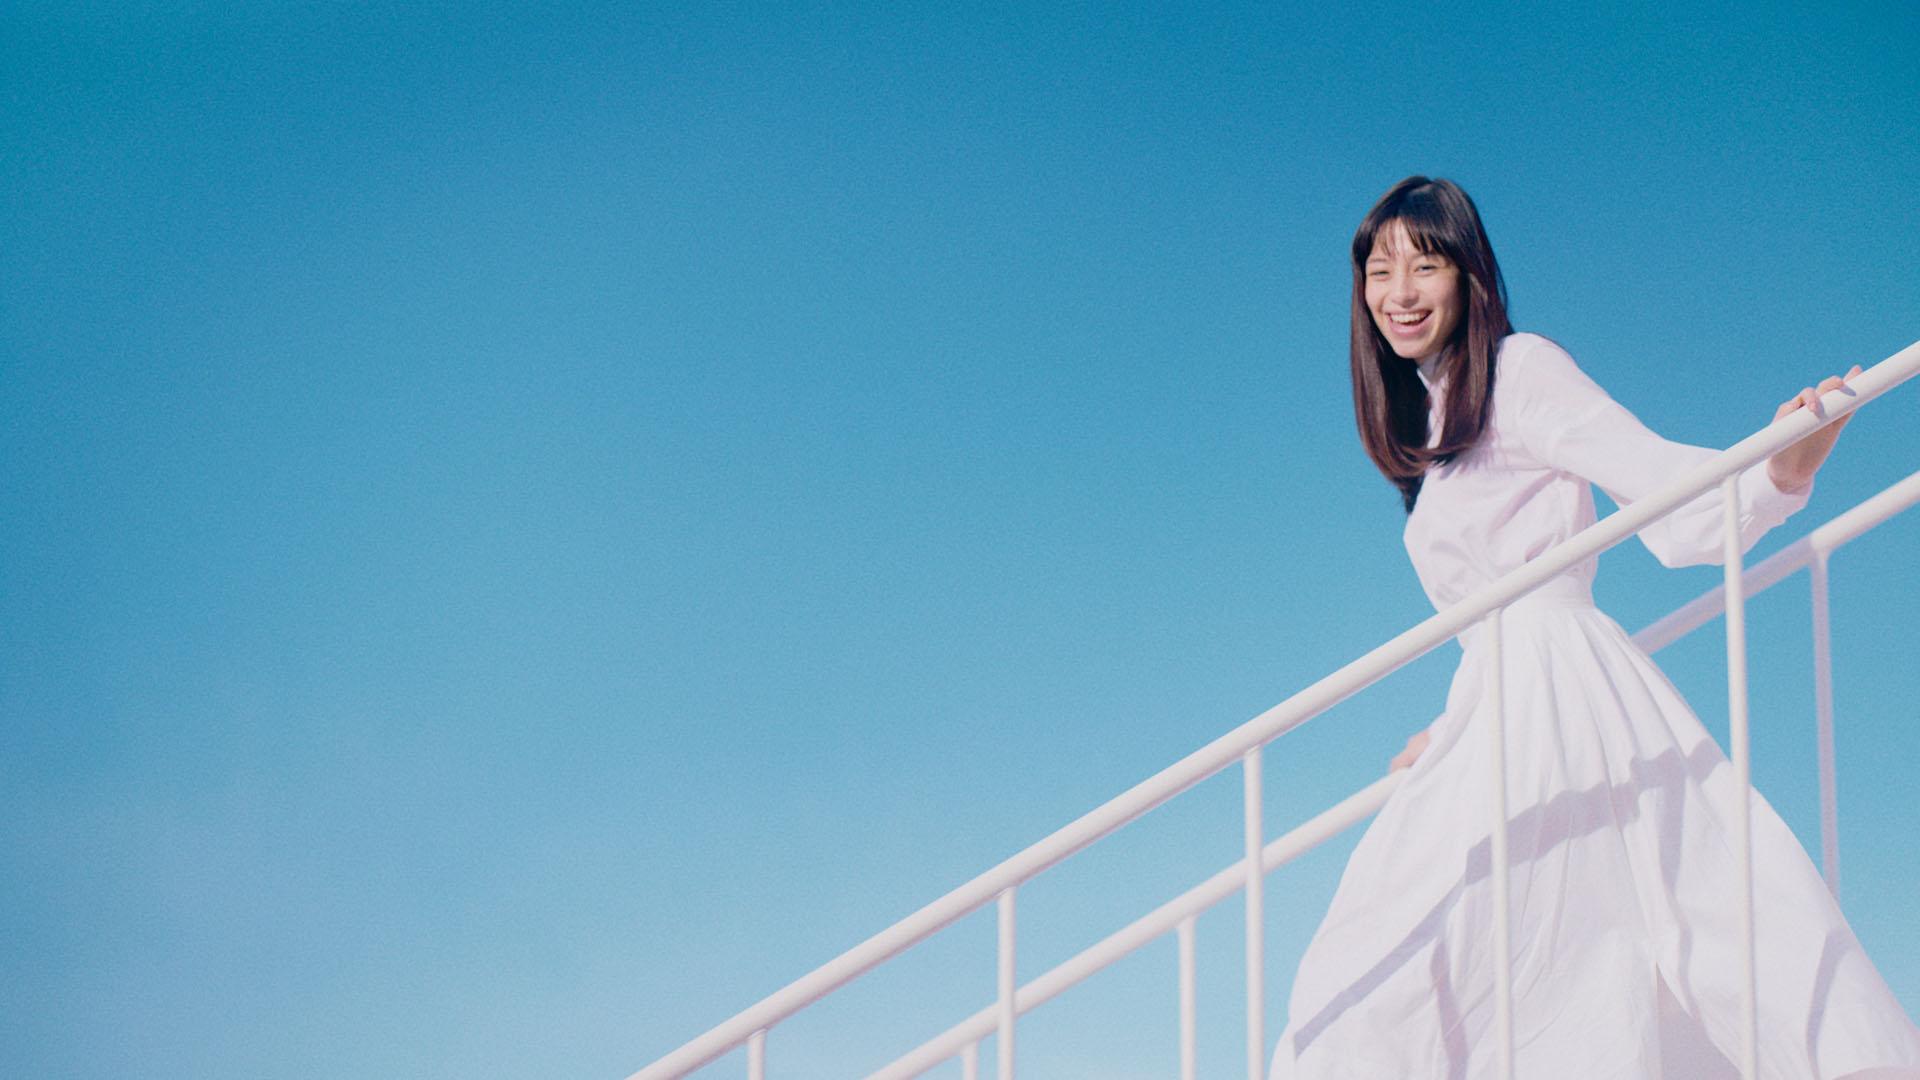 中条あやみ 花王のヘアケアブランド Pyuan ピュアン イメージ